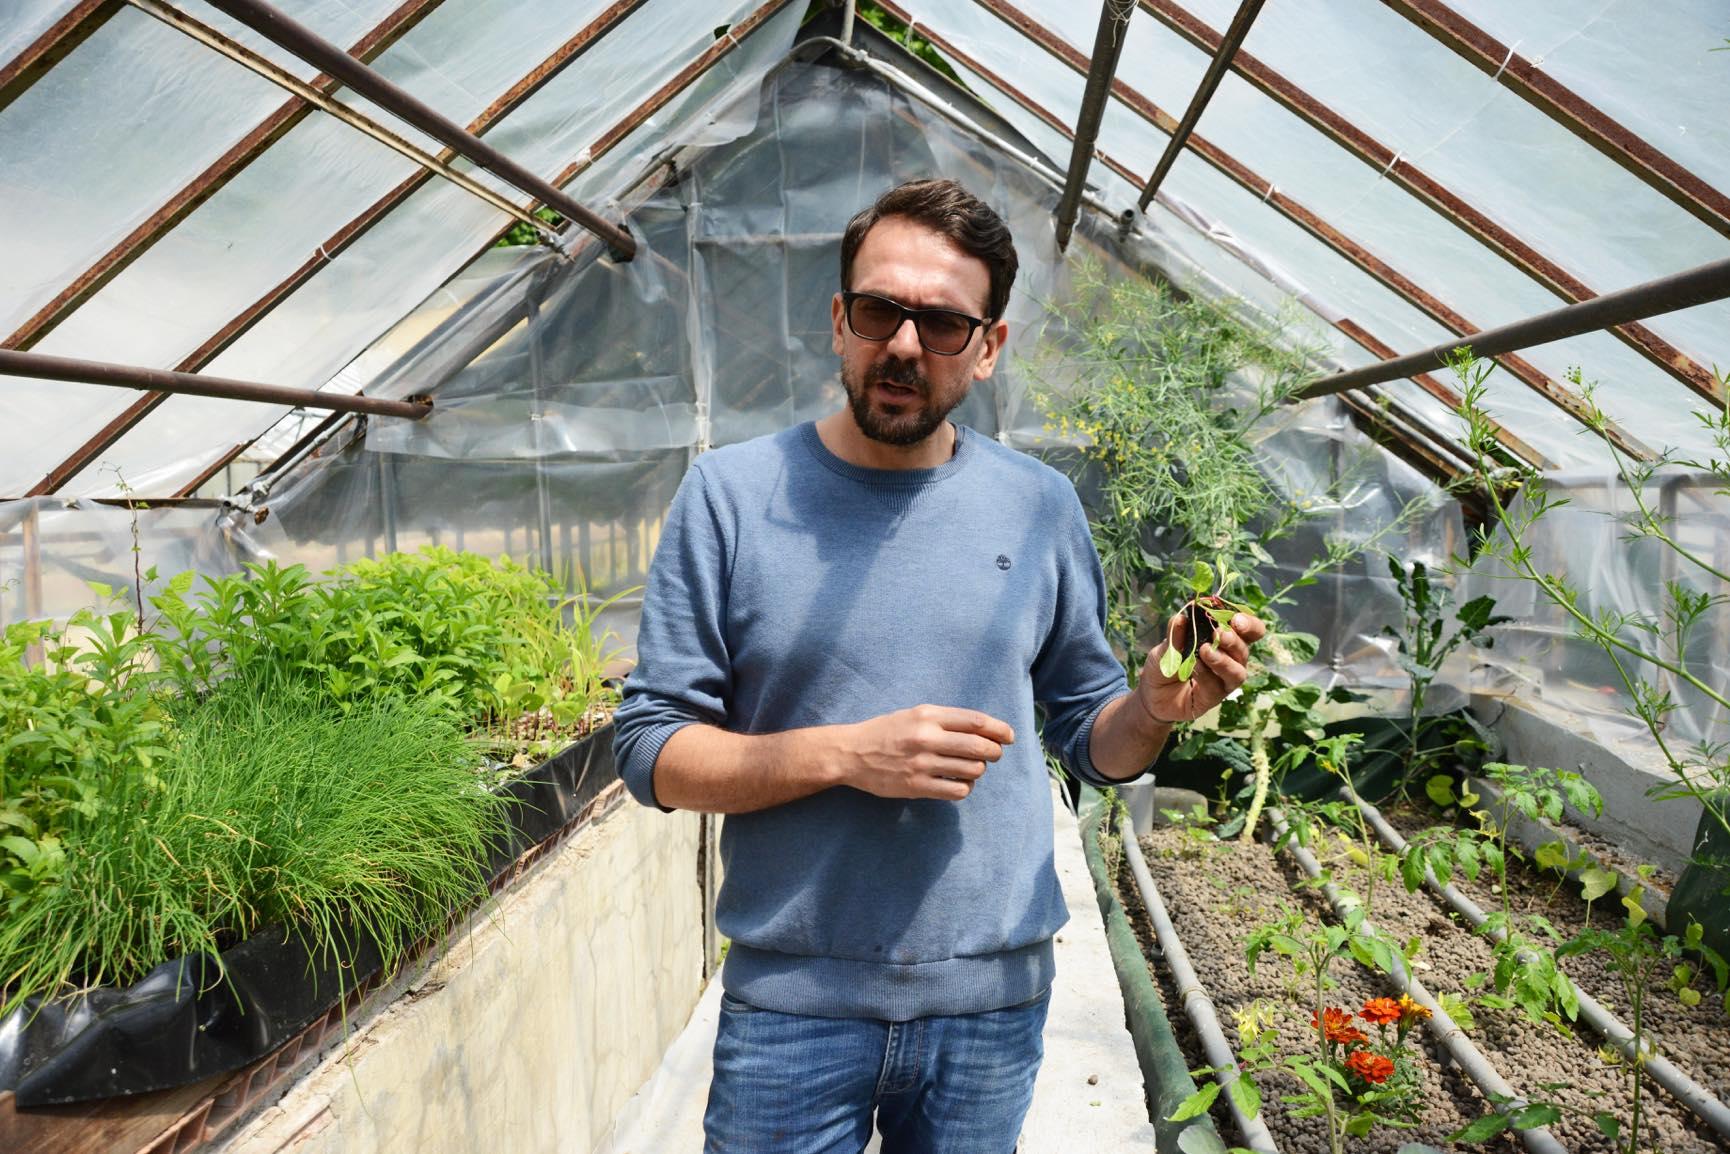 Circular farm Funghi espresso Antonio di giovanni (7)